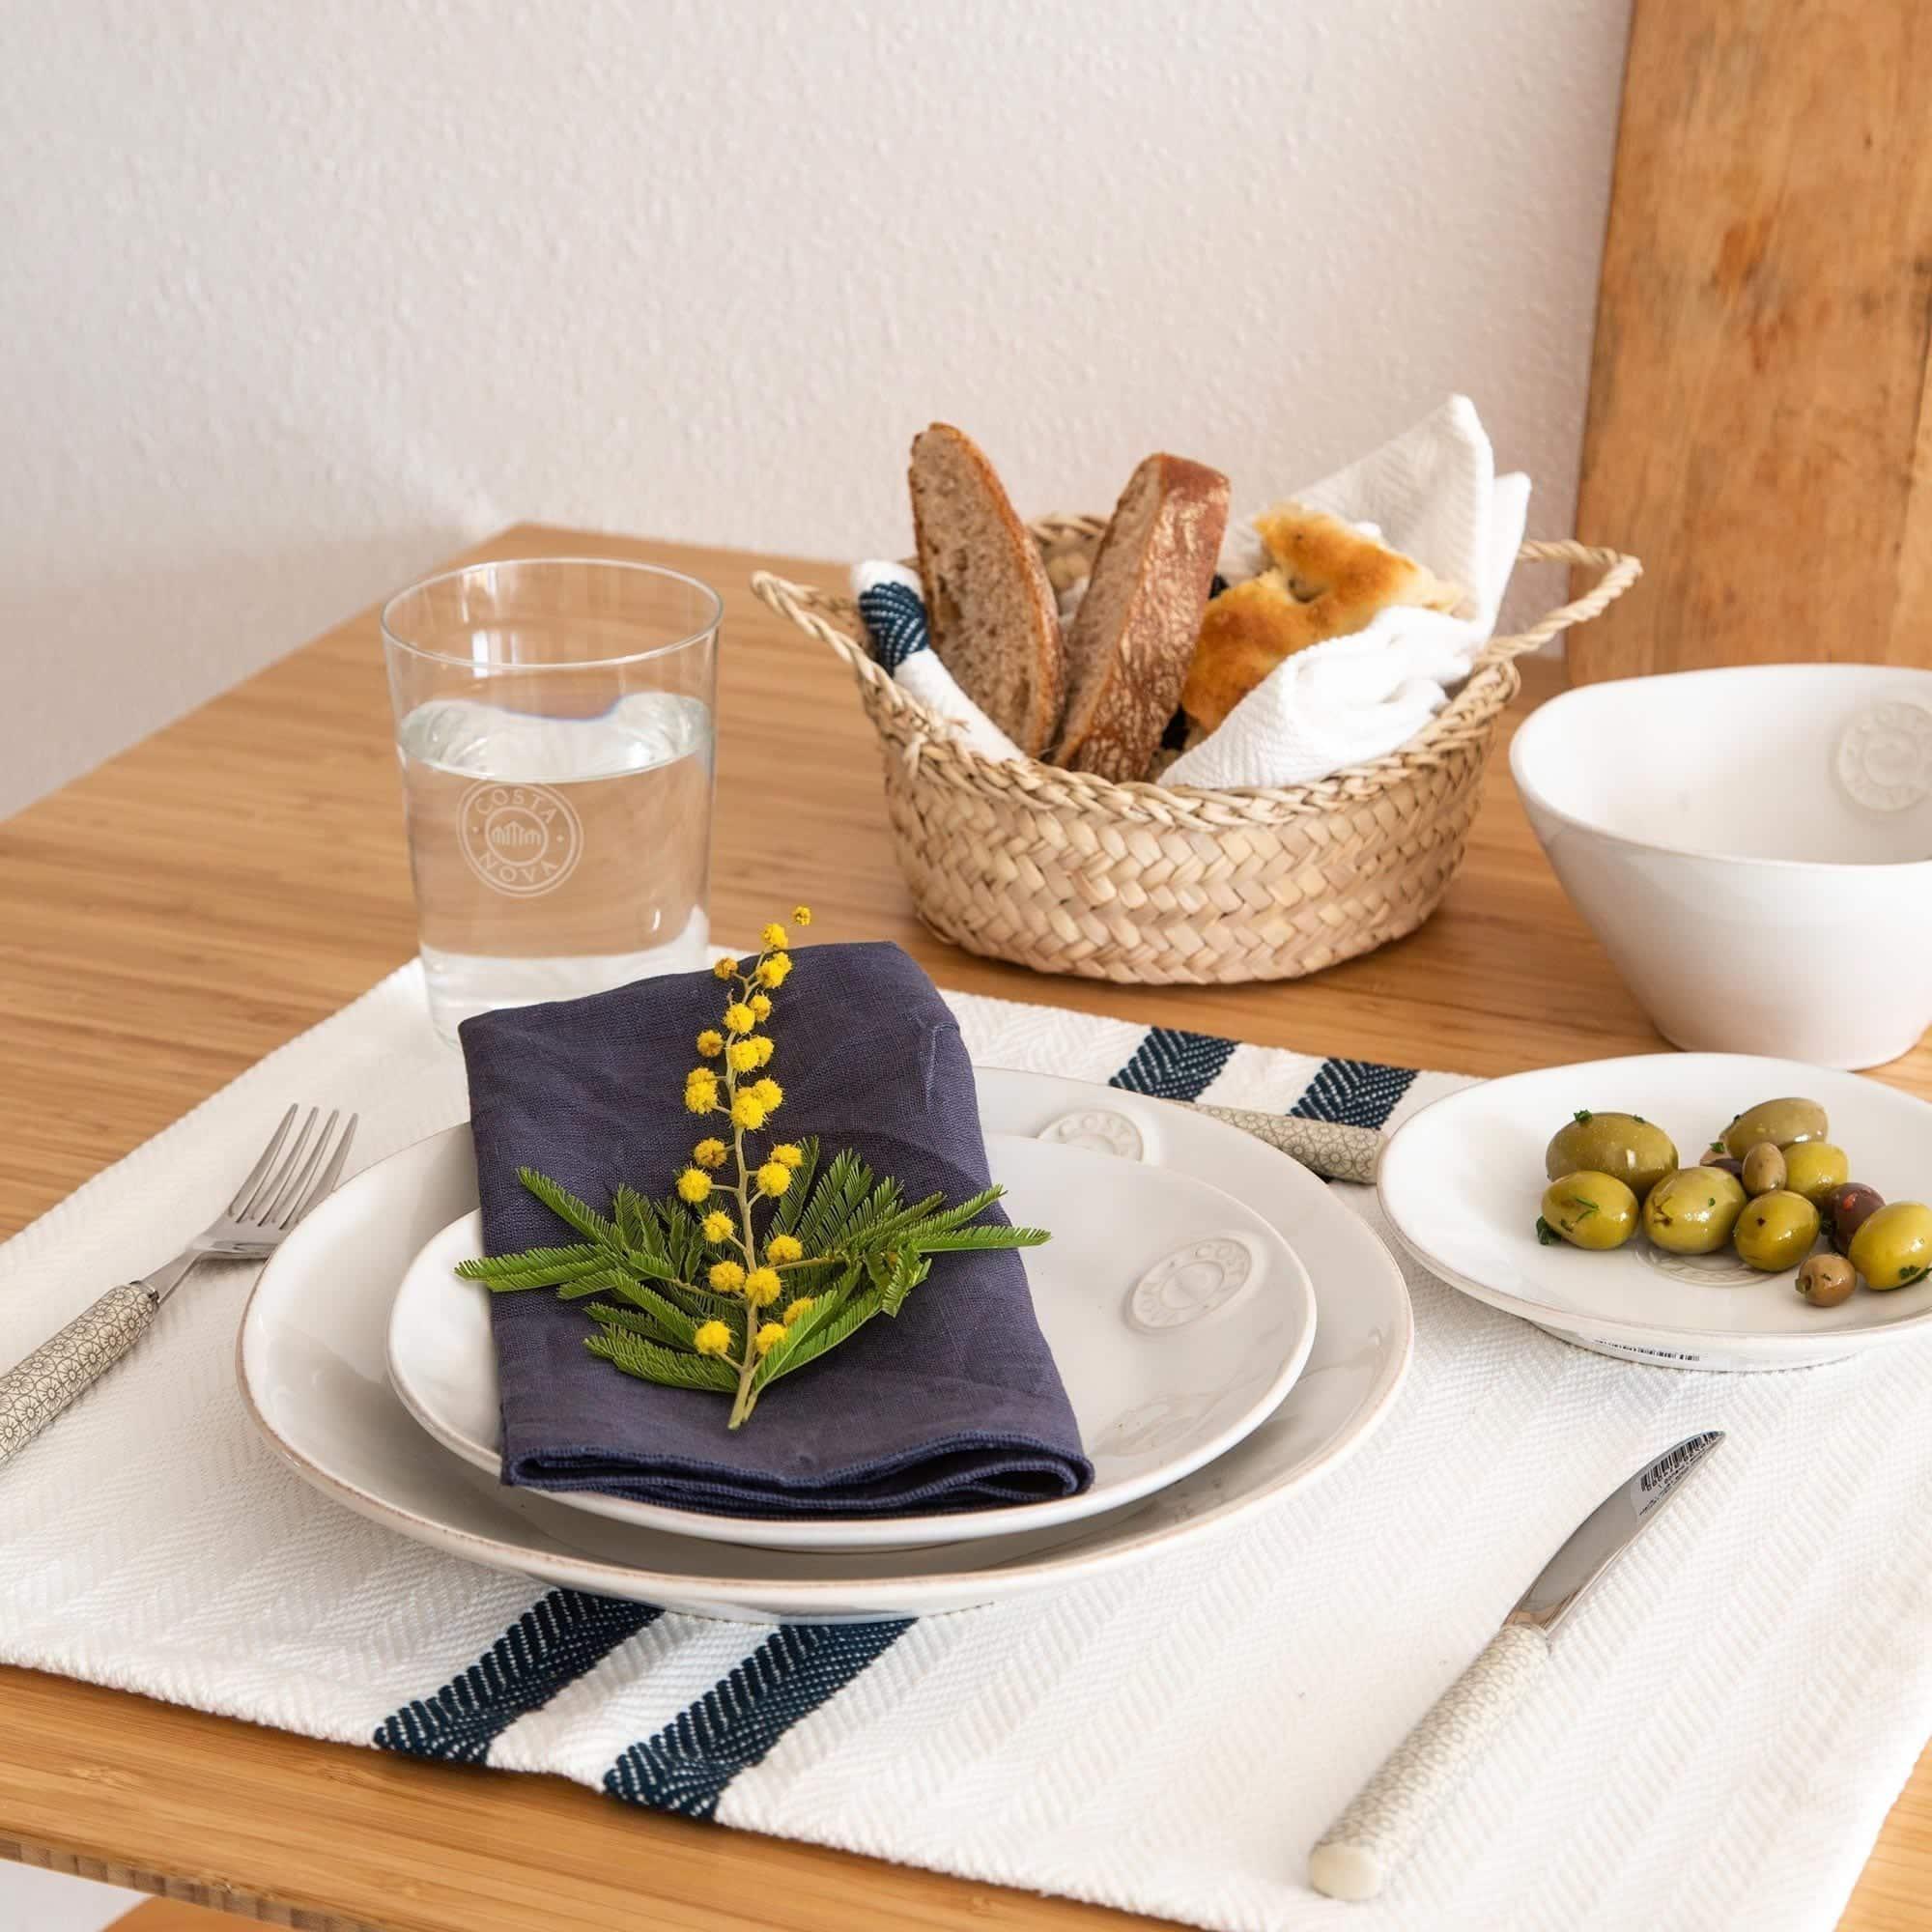 Weißer Frühstücksteller, Teller fürs Frühstück, Kuchenteller aus Steinzeug | Speise und Kuchen Frühstücks Geschirr - in Weiß, Türkis, Blau erhältlich. Für Spülmaschine / Mikrowelle